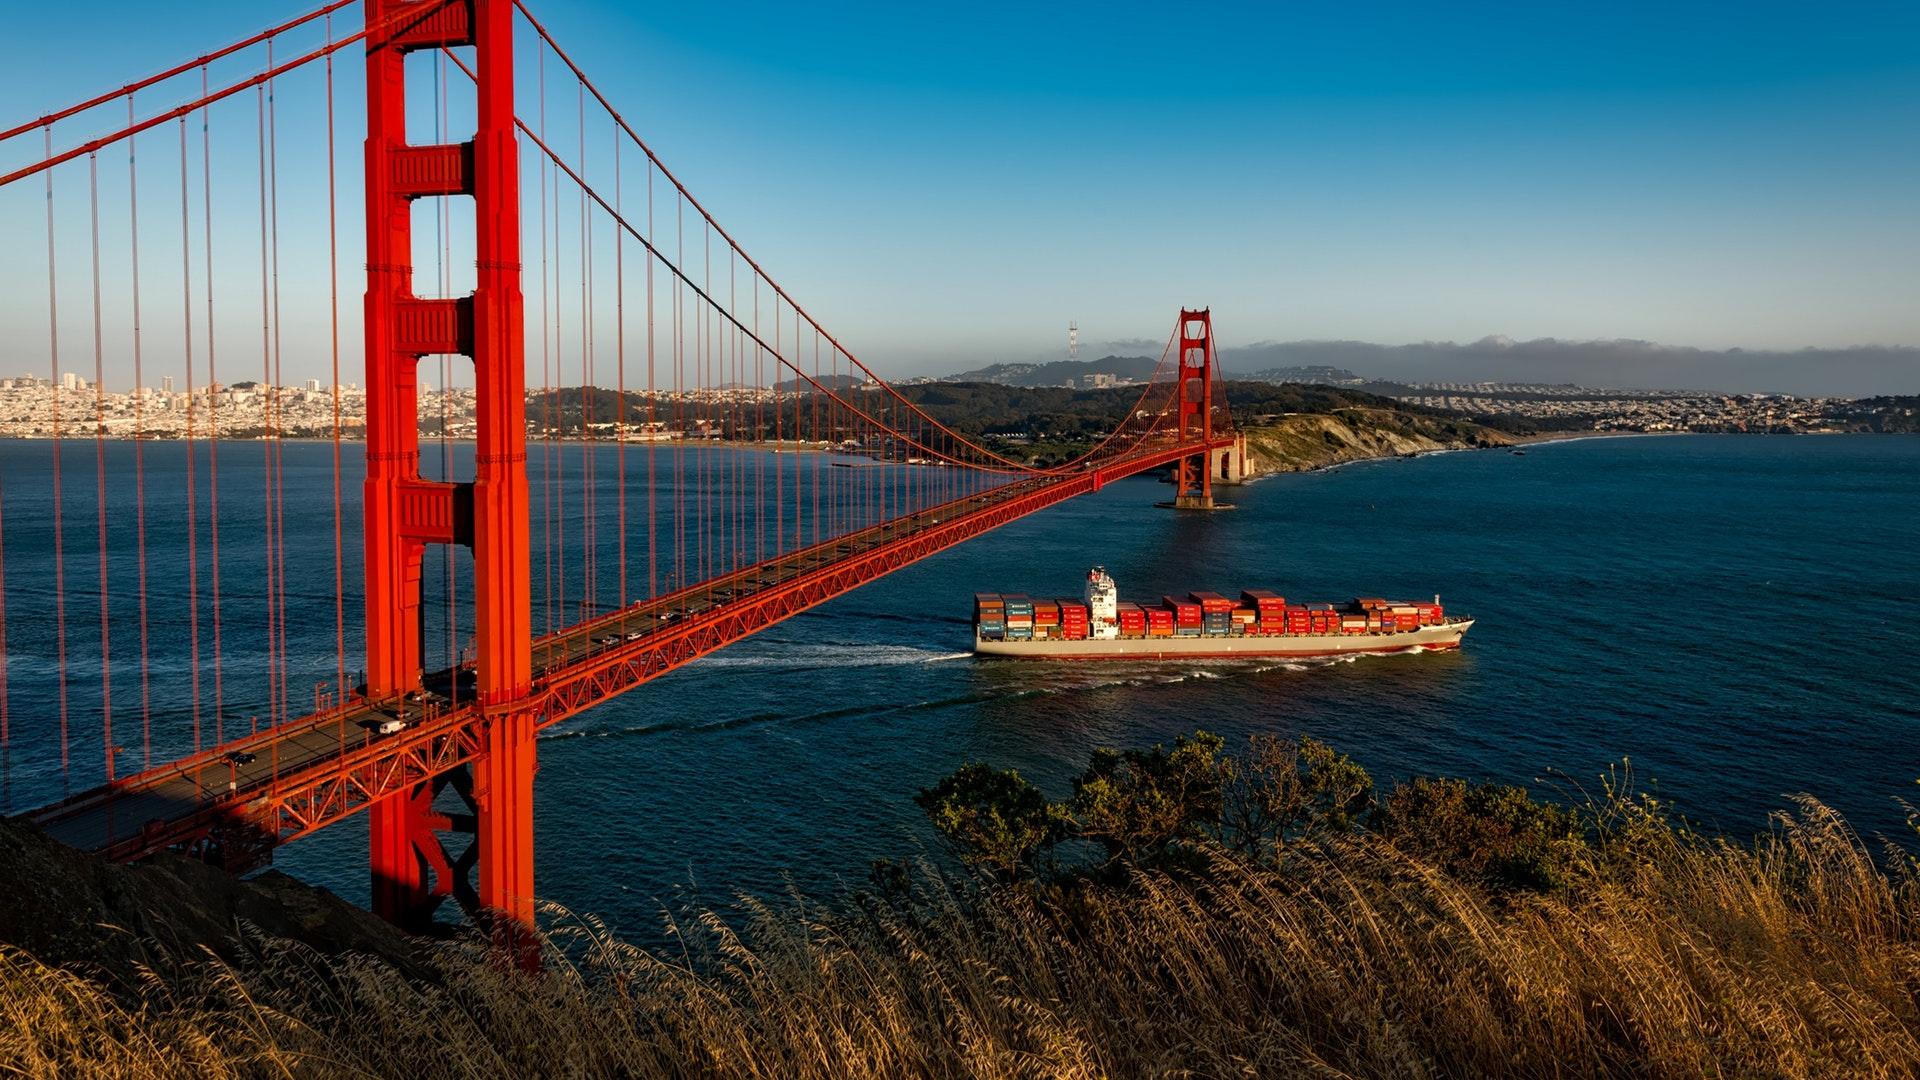 Мост Золотые ворота река мост корабль